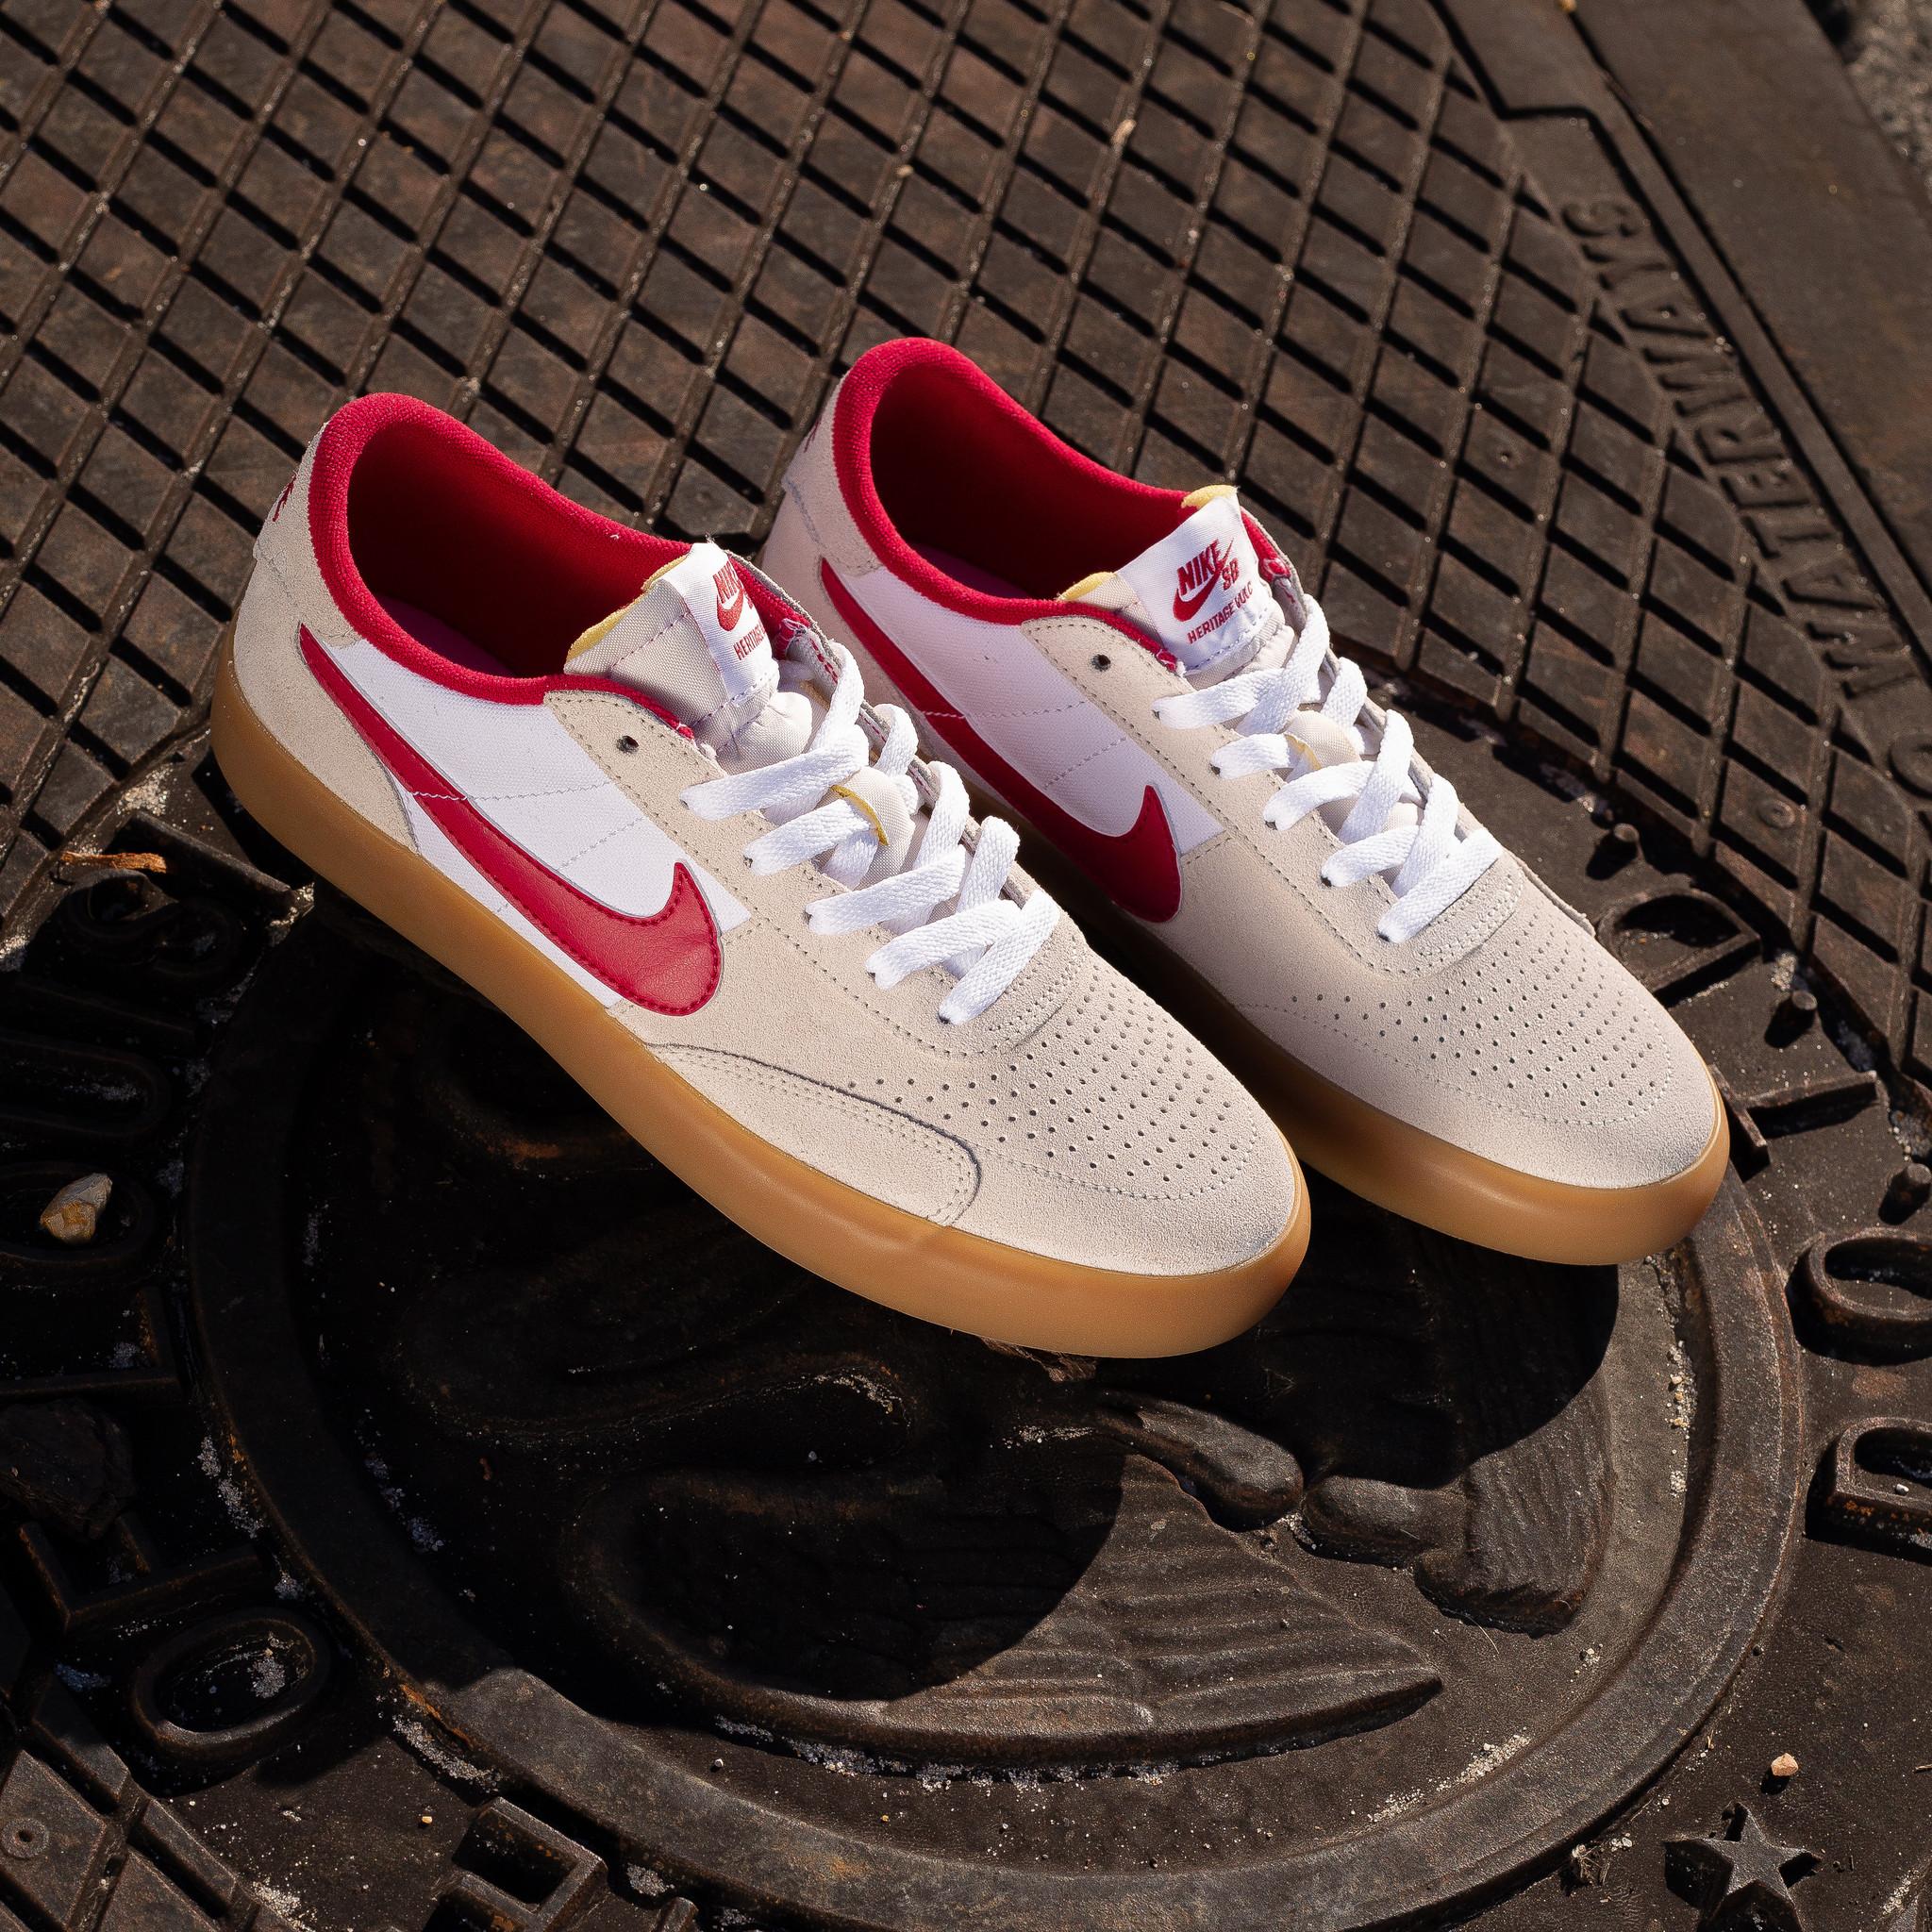 Nike SB Heritage Vulc summit white/cardinal red